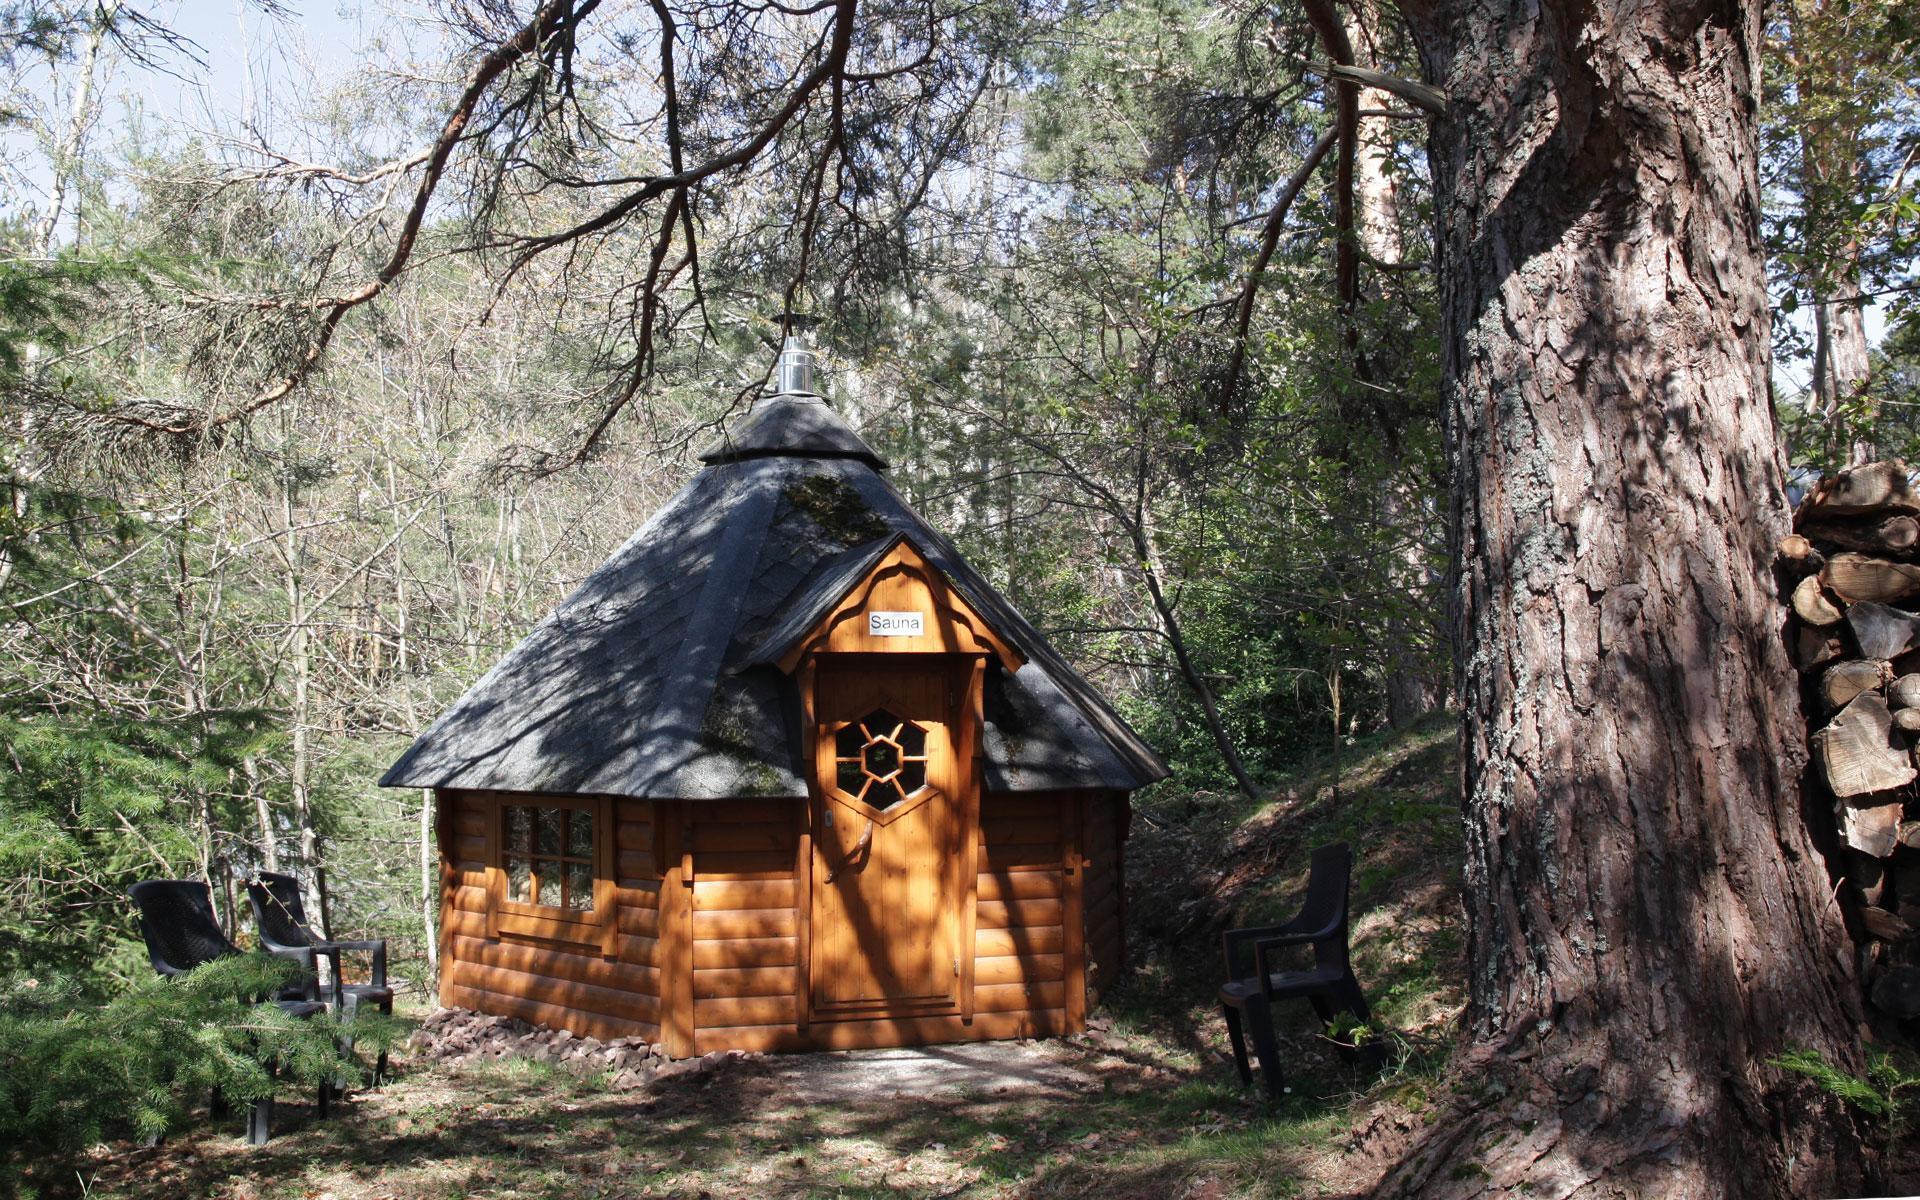 Les Kotas, des chalets en bois confortables et chaleureux. Existent aussi en version Sauna et Grill.